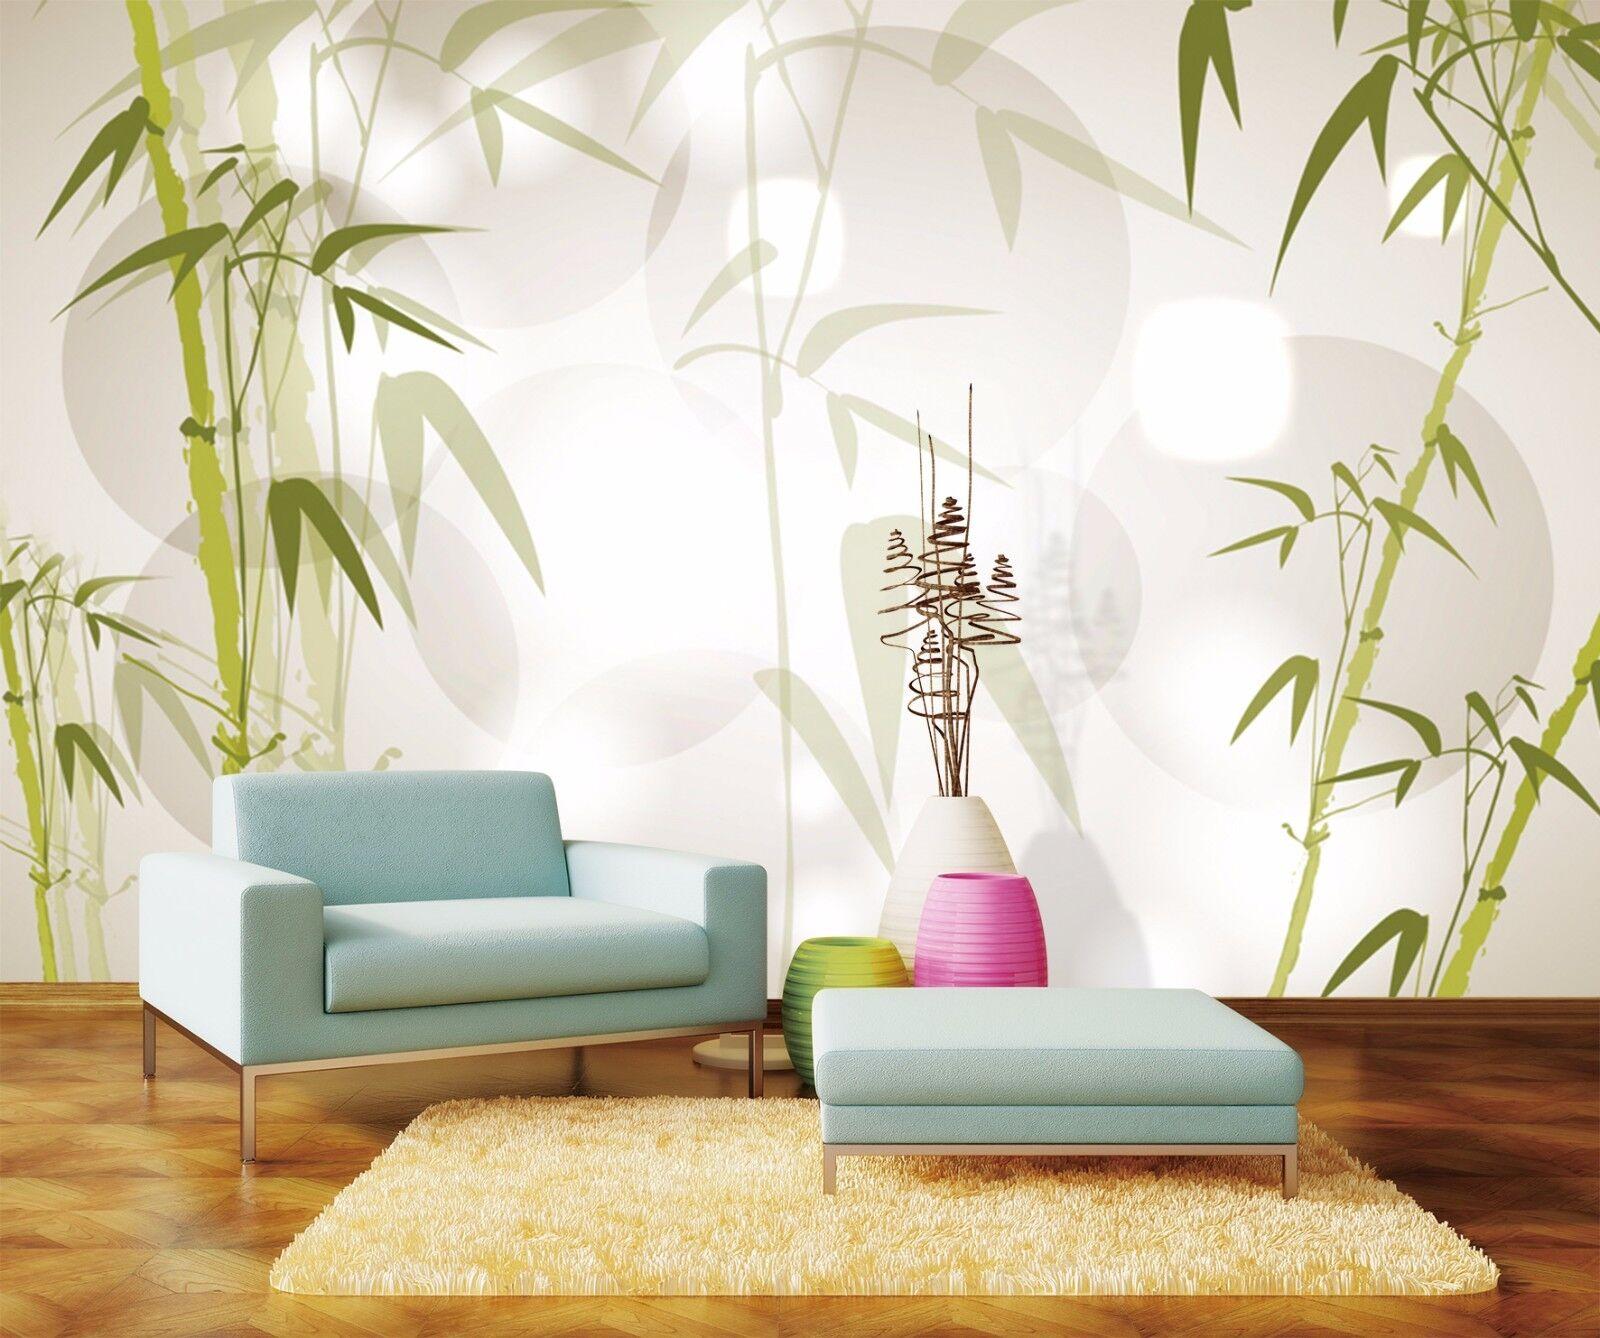 3D Bamboo Leaf 417 Wallpaper Murals Wall Print Wallpaper Mural AJ WALLPAPER UK